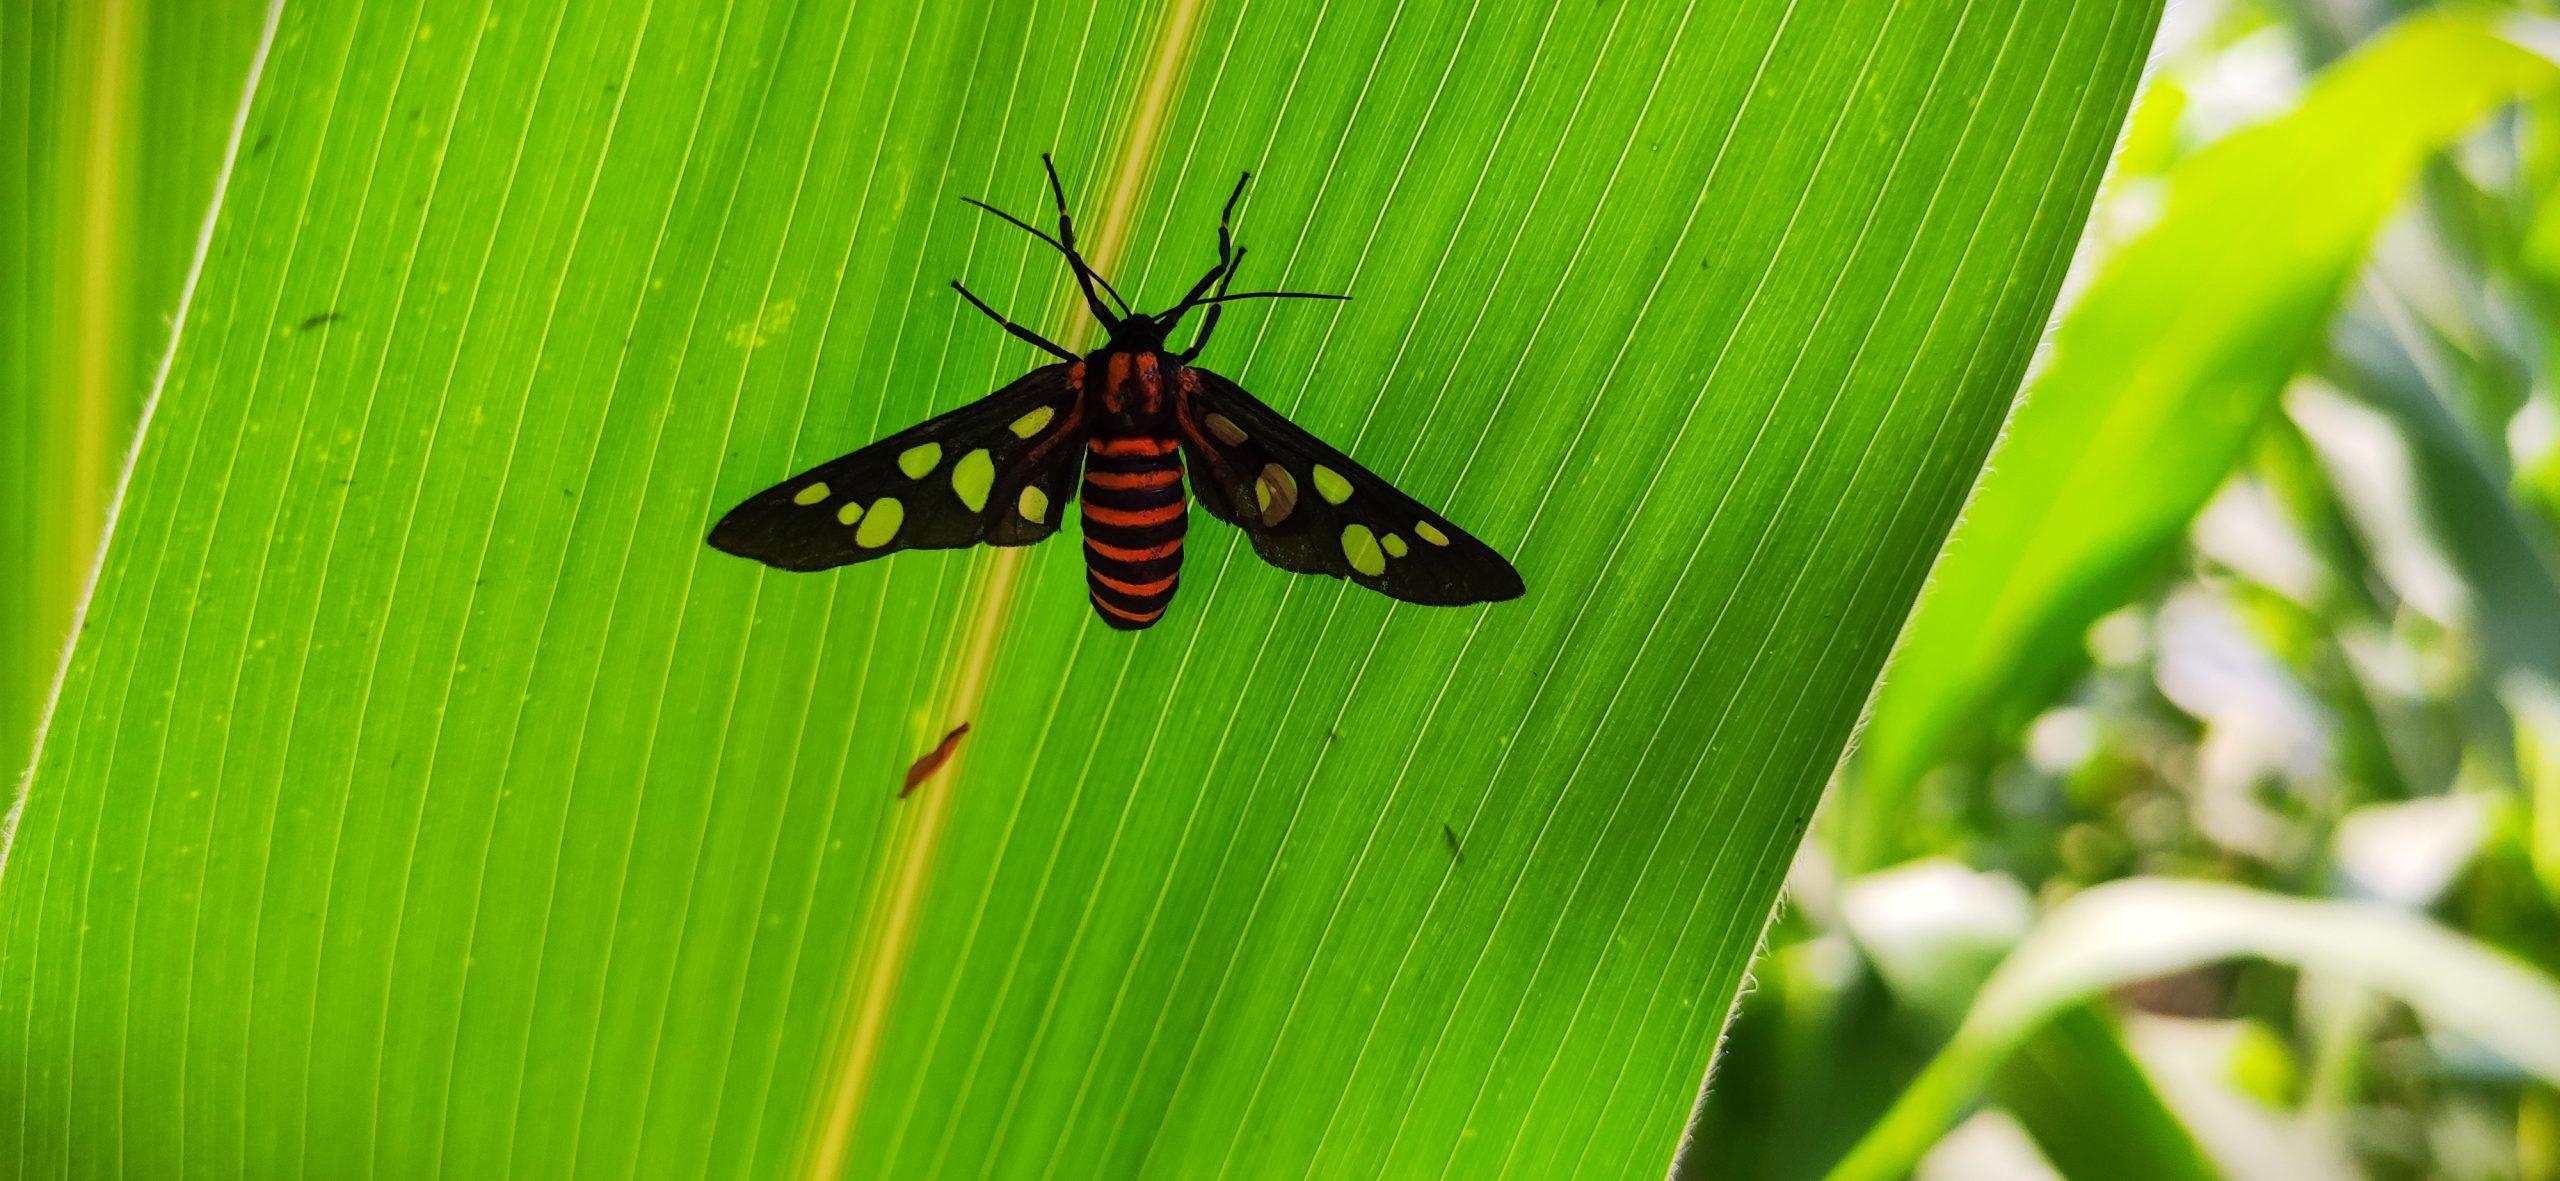 Moth on leaf